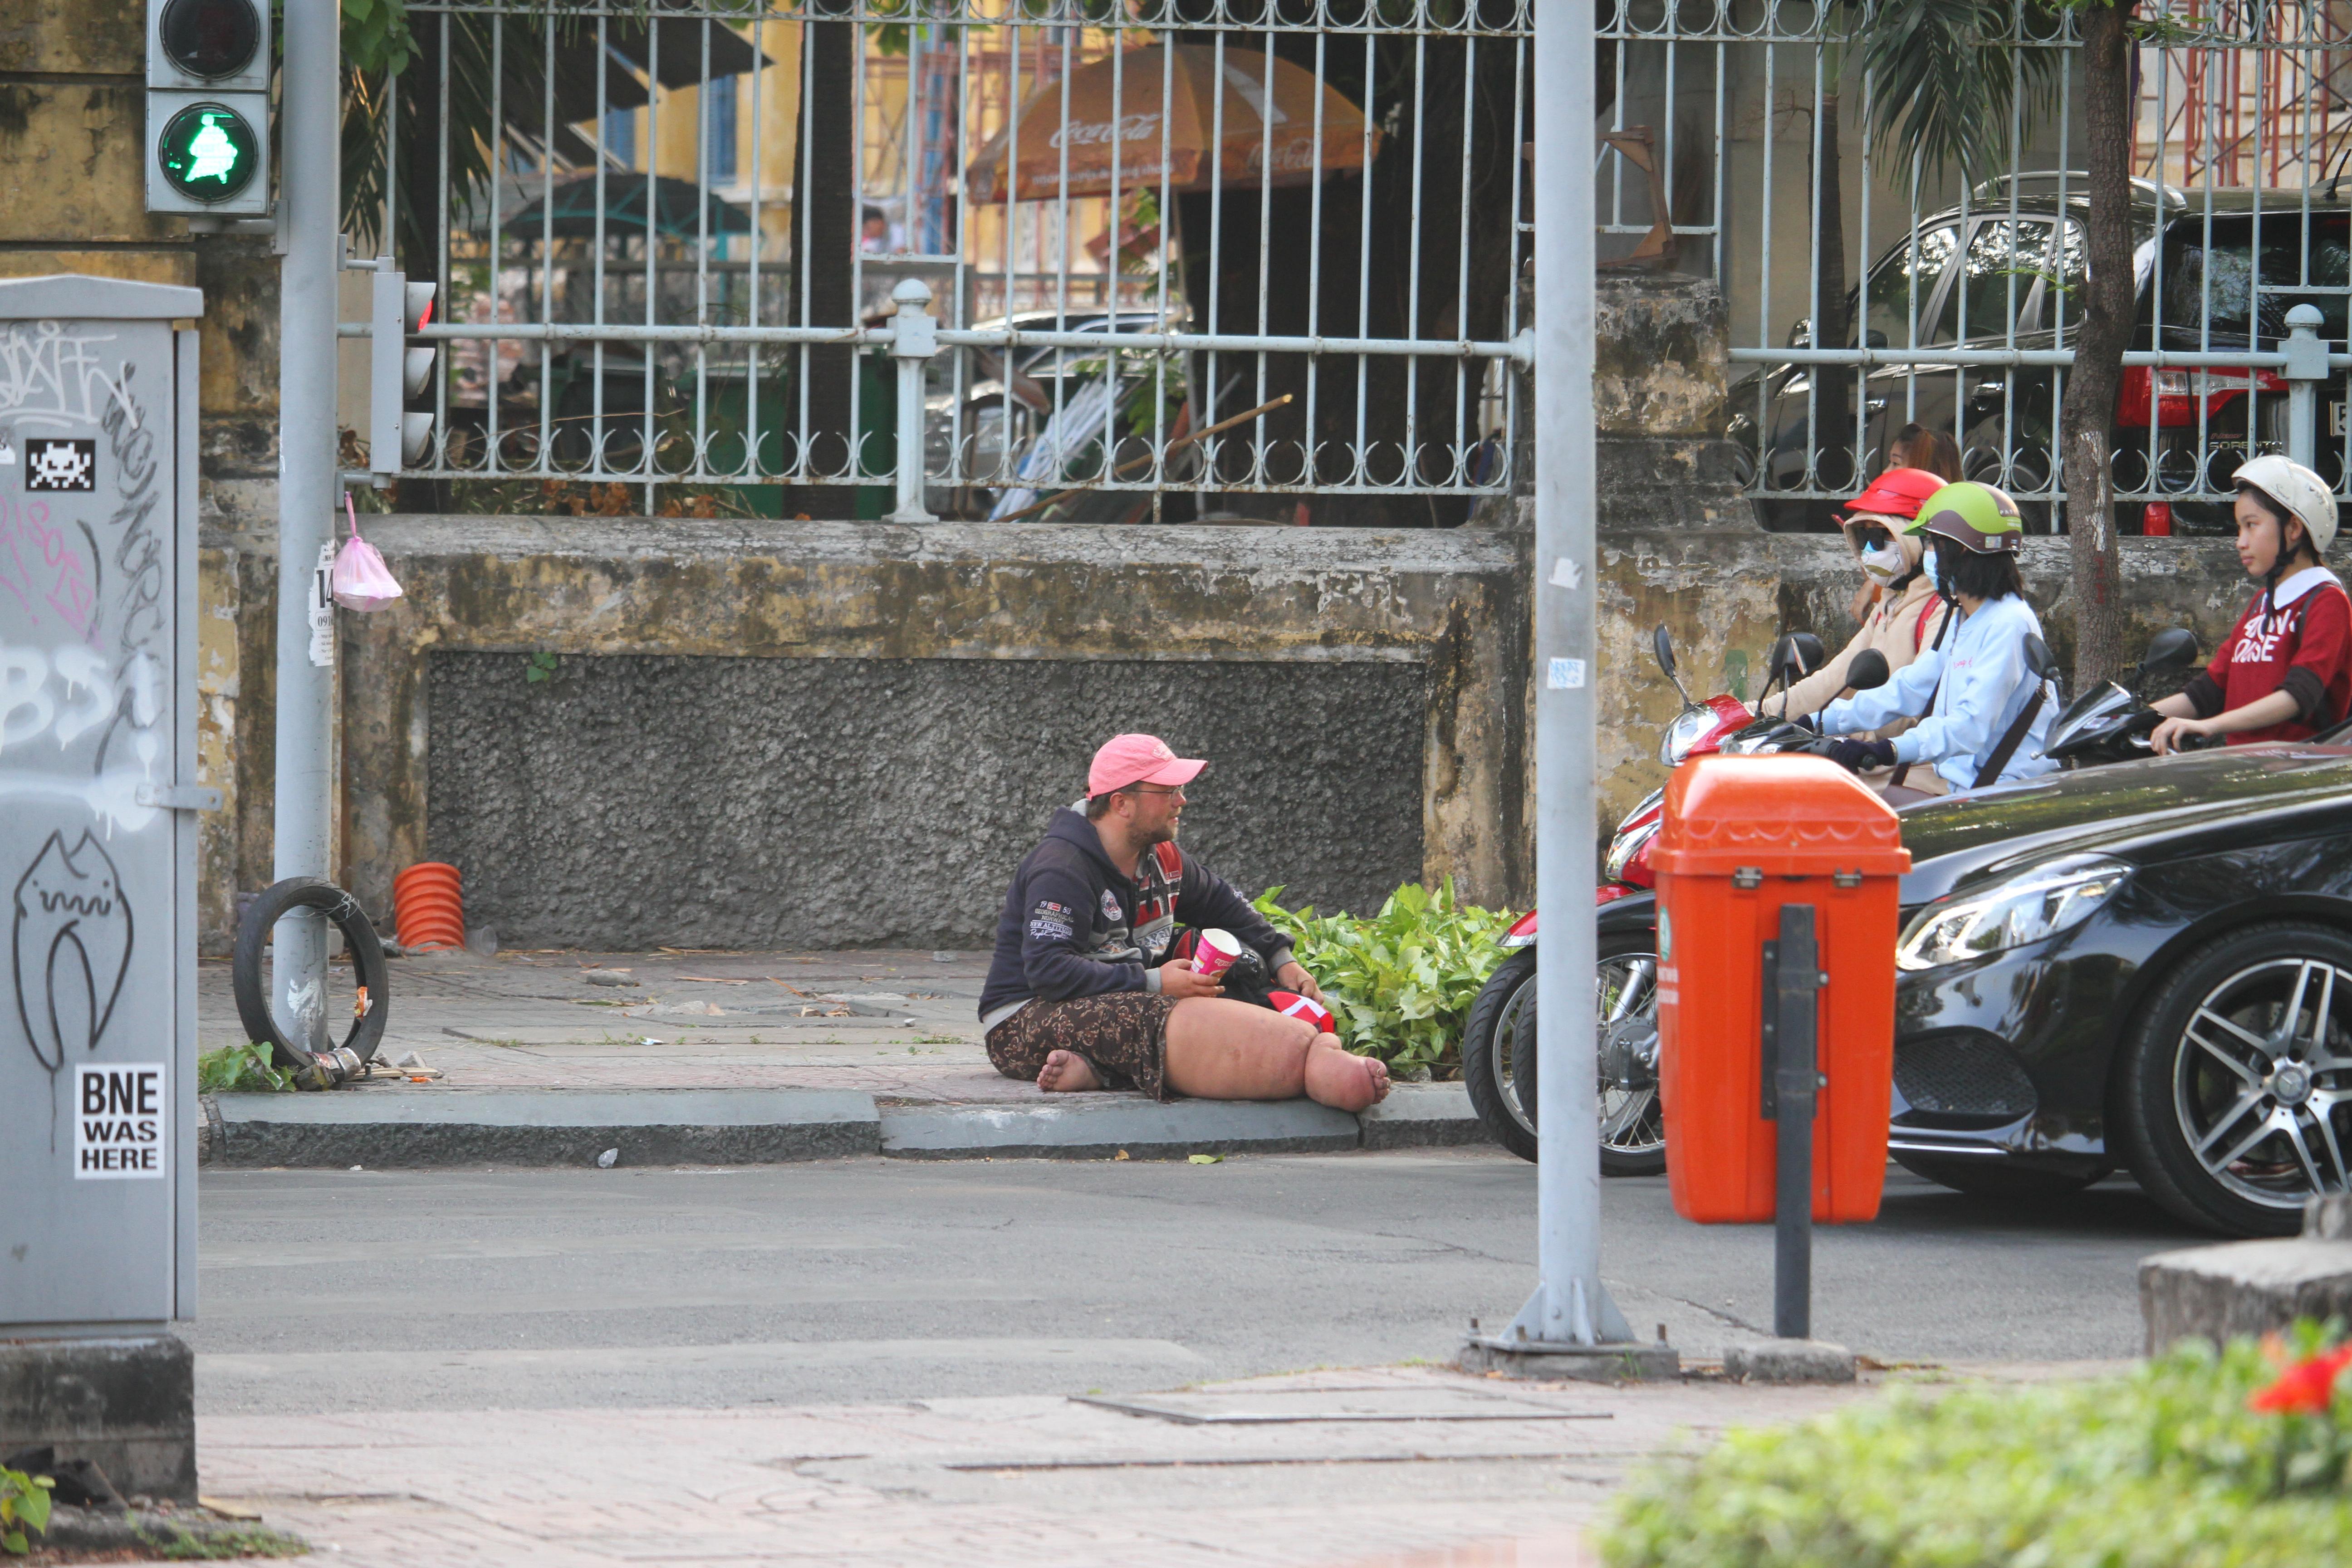 Đời sống: Gã ăn xin người Đức từng bị lật tẩy mánh khóe tại nhiều nước Đông Nam Á đang làm gì ở Sài Gòn?